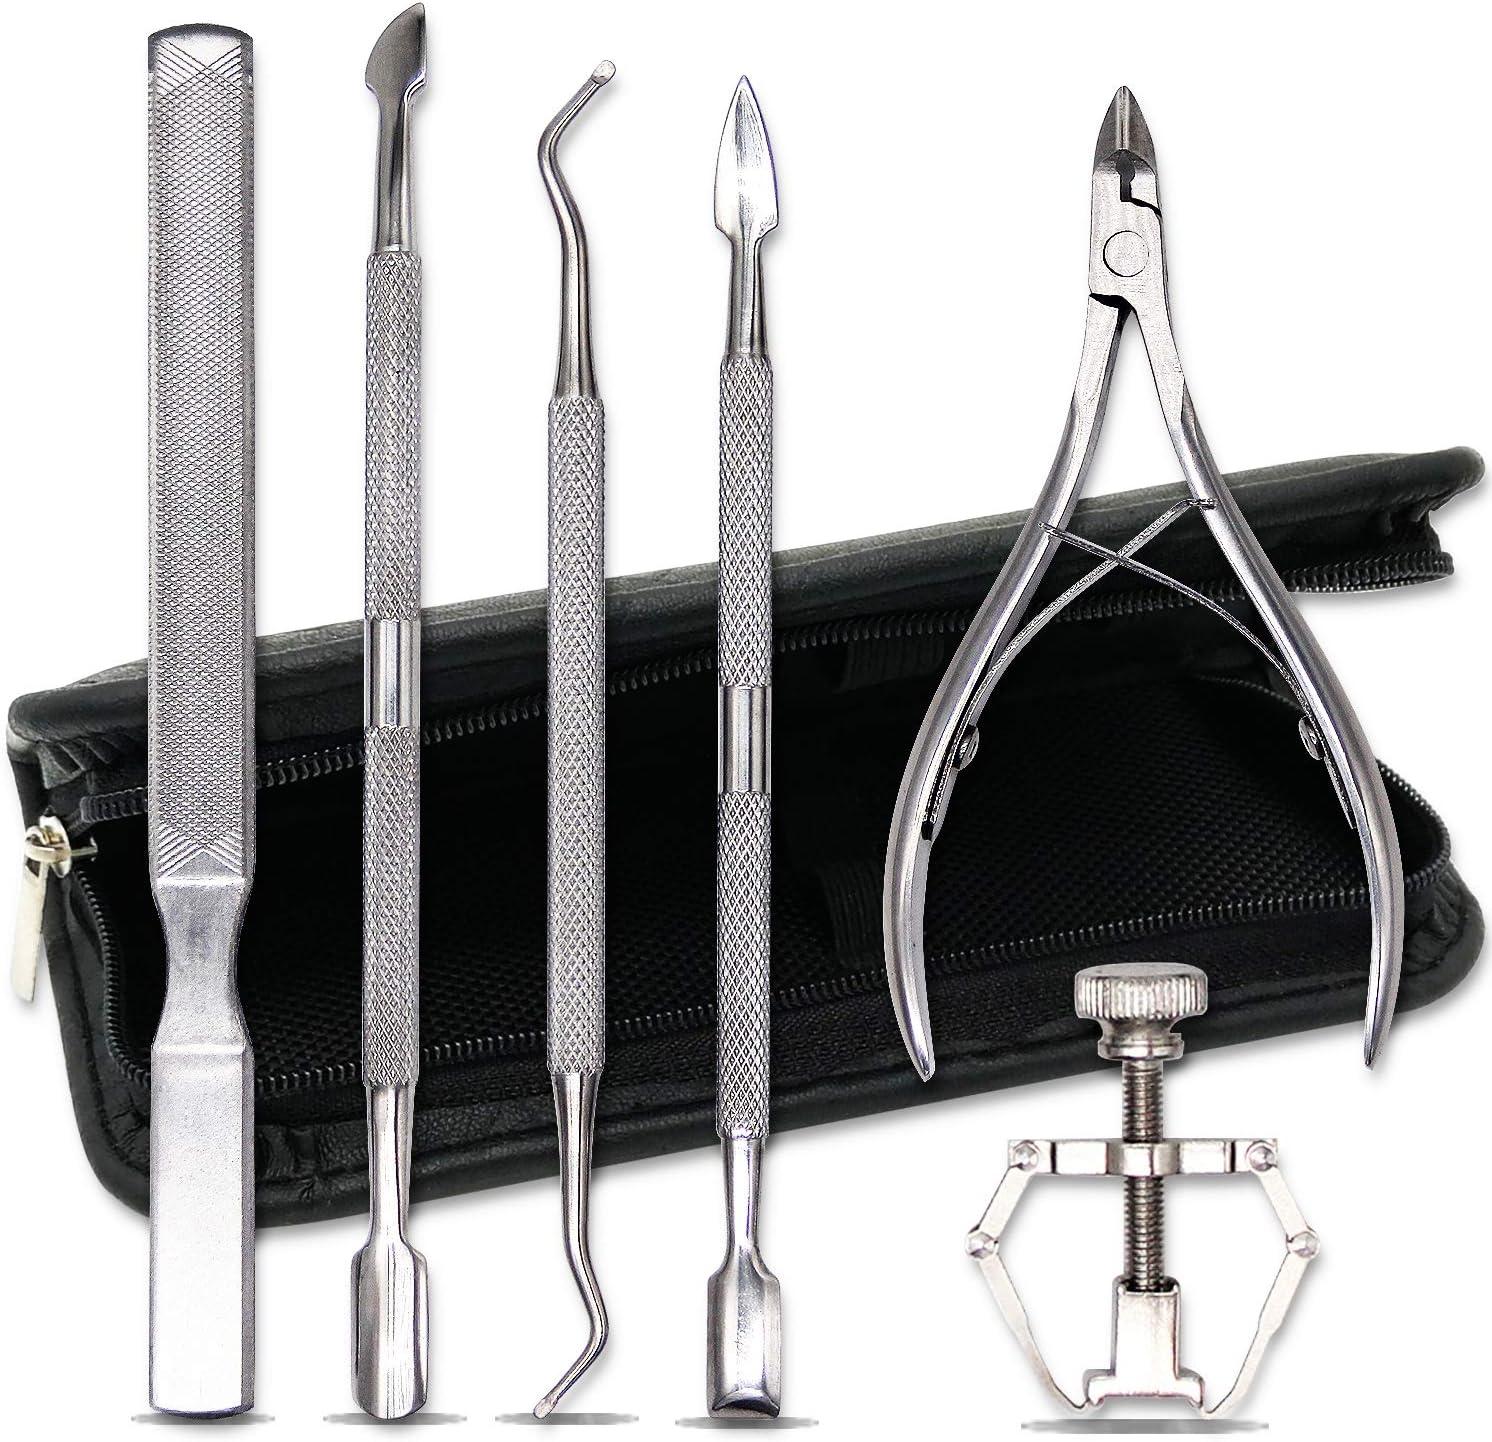 Kit de herramientas de reparaci/ón de pinchazos para neum/áticos de bicicleta Zinniaya